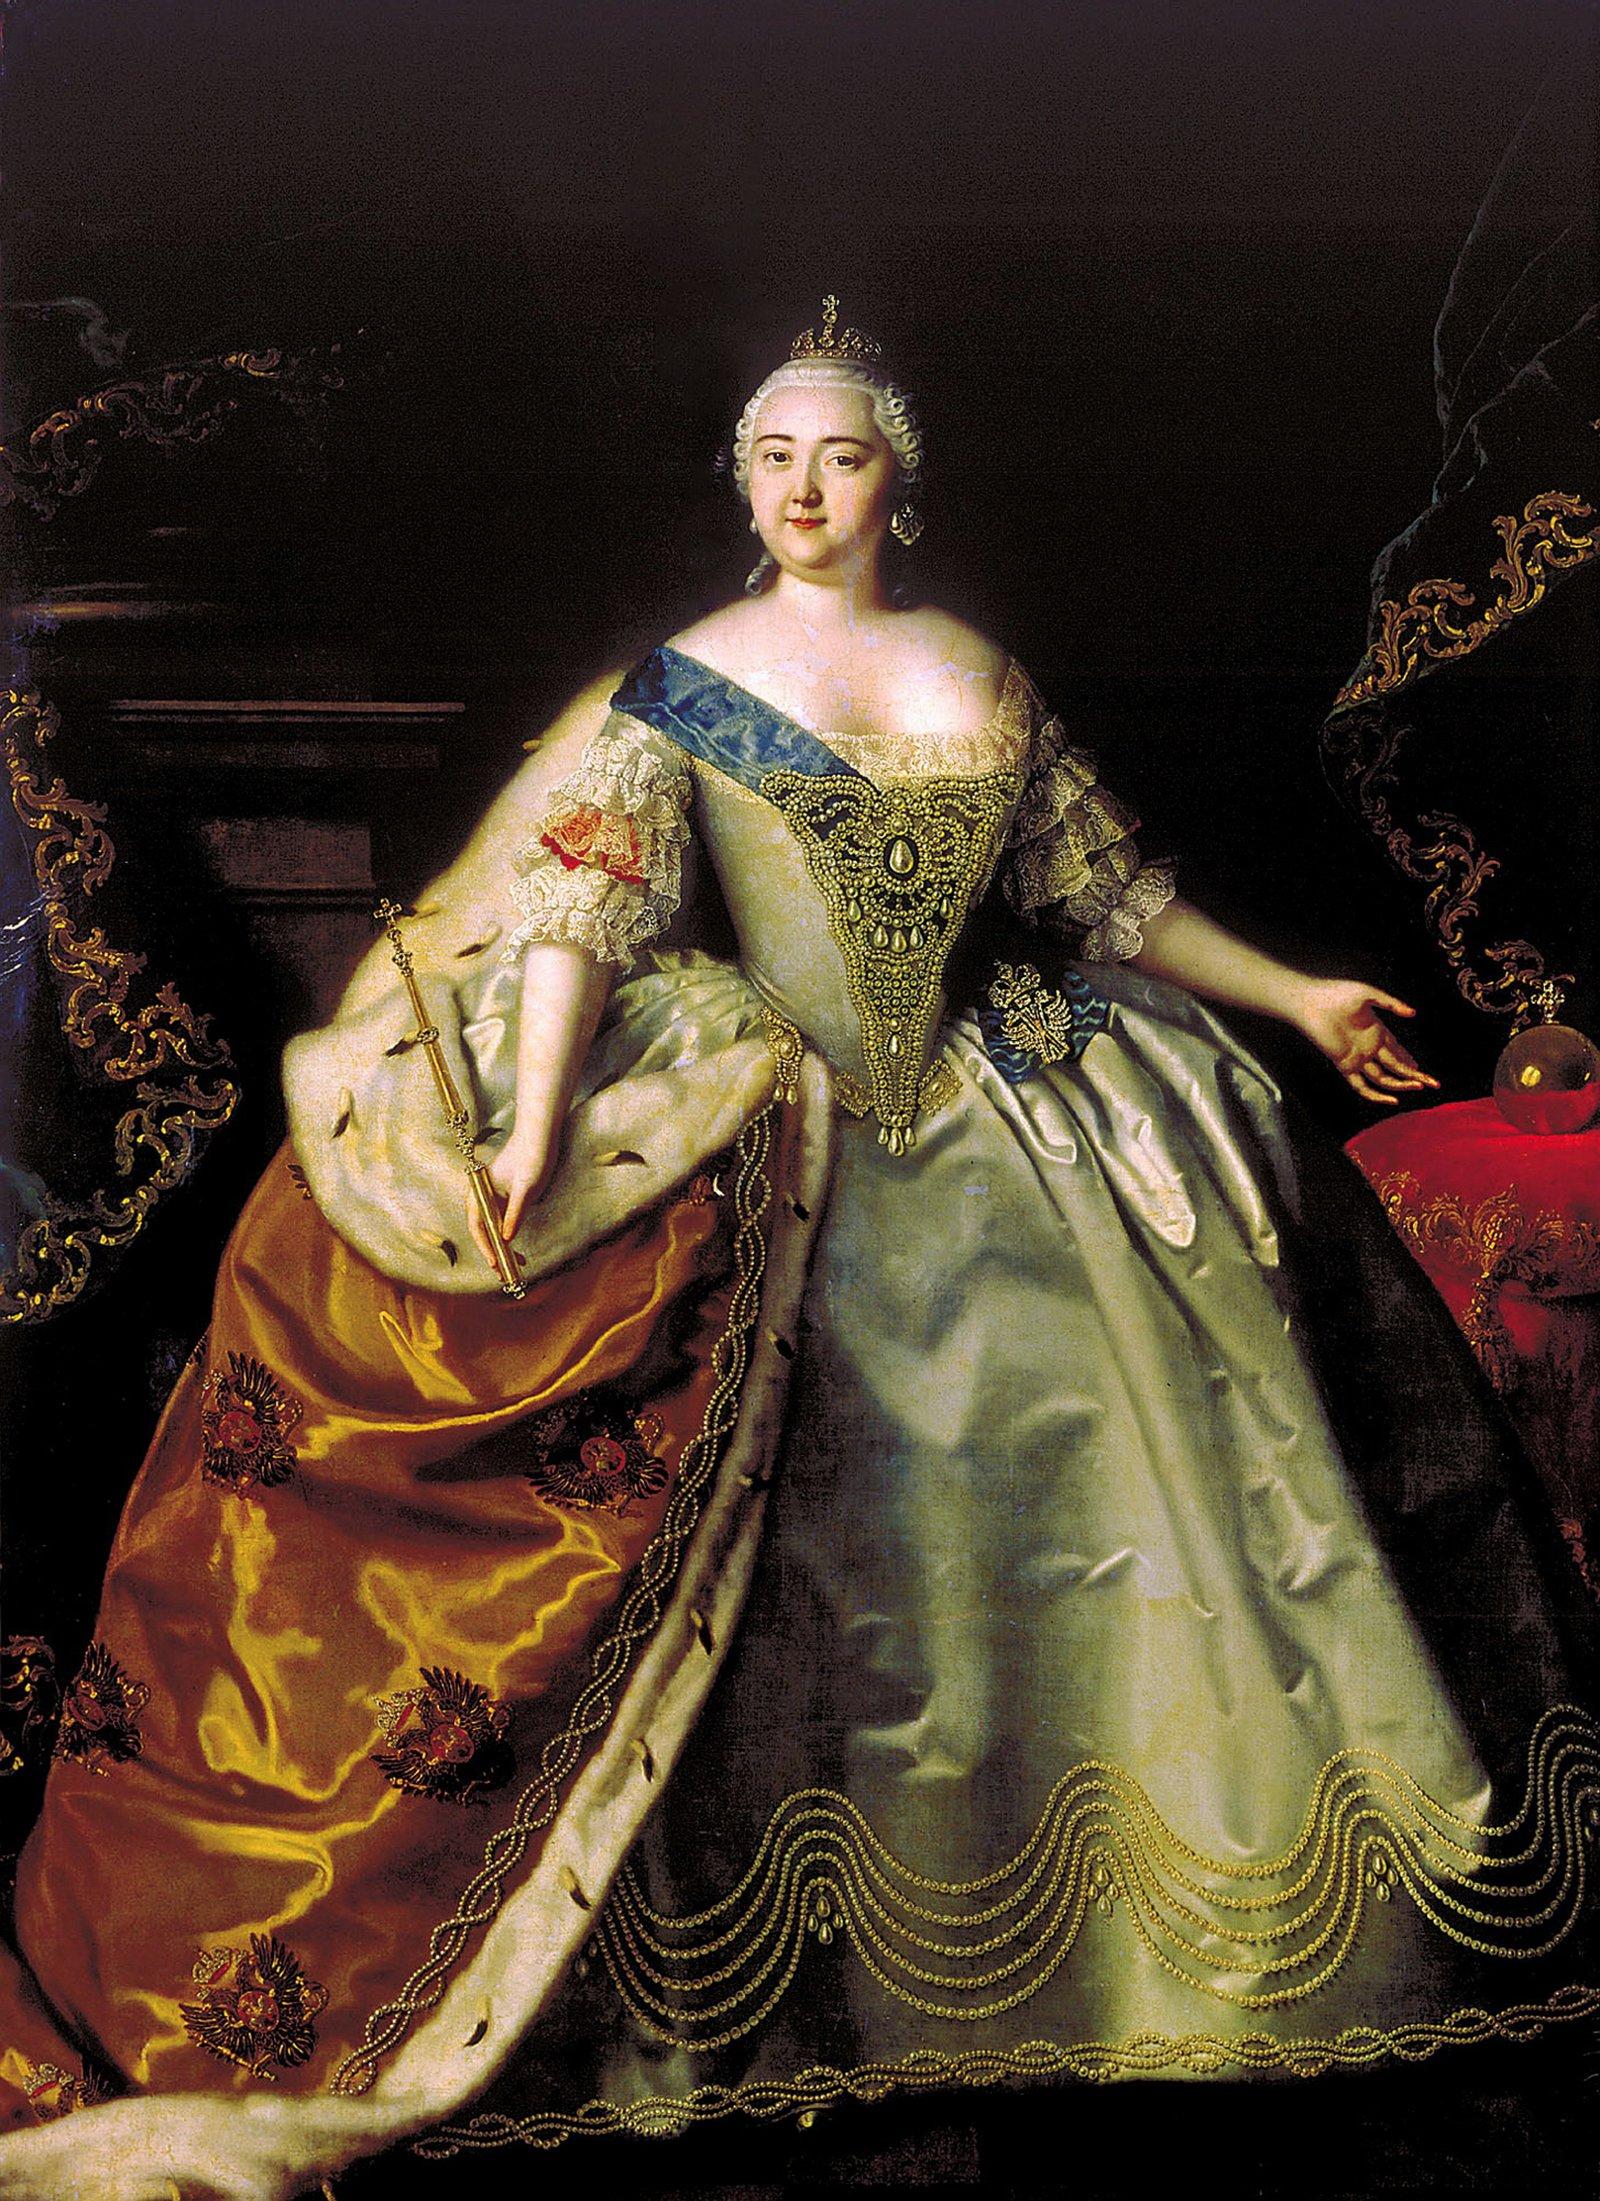 Луи Каравак. Портрет императрицы Елизаветы Петровны. 1750 год